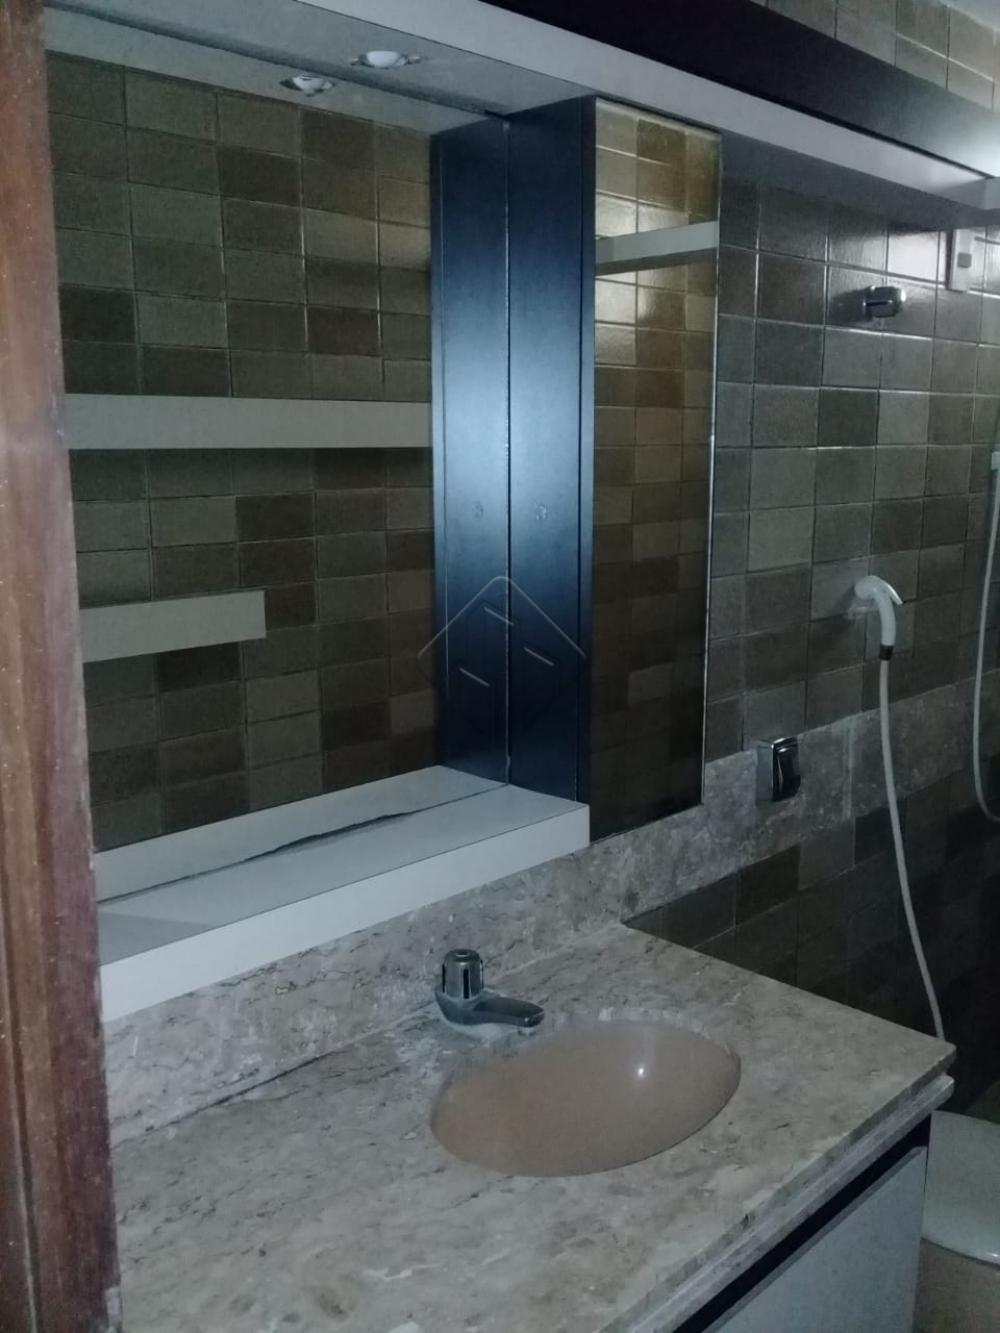 Comprar Apartamento / Padrão em João Pessoa apenas R$ 300.000,00 - Foto 18